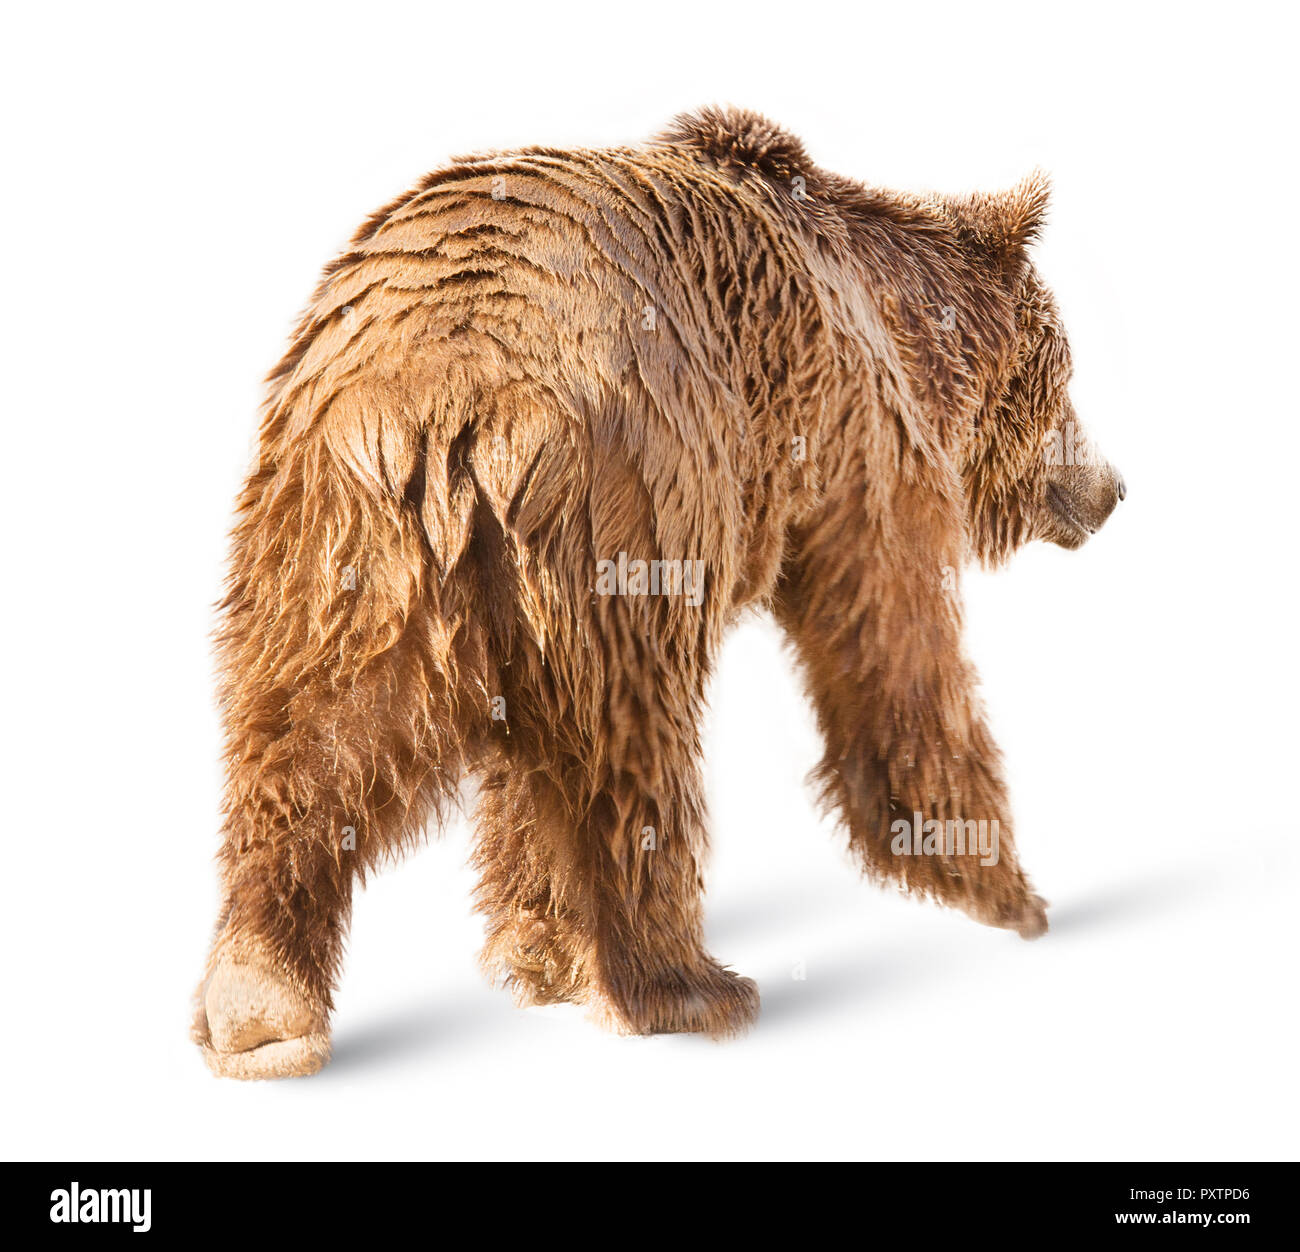 Bear isolated on white background Stock Photo